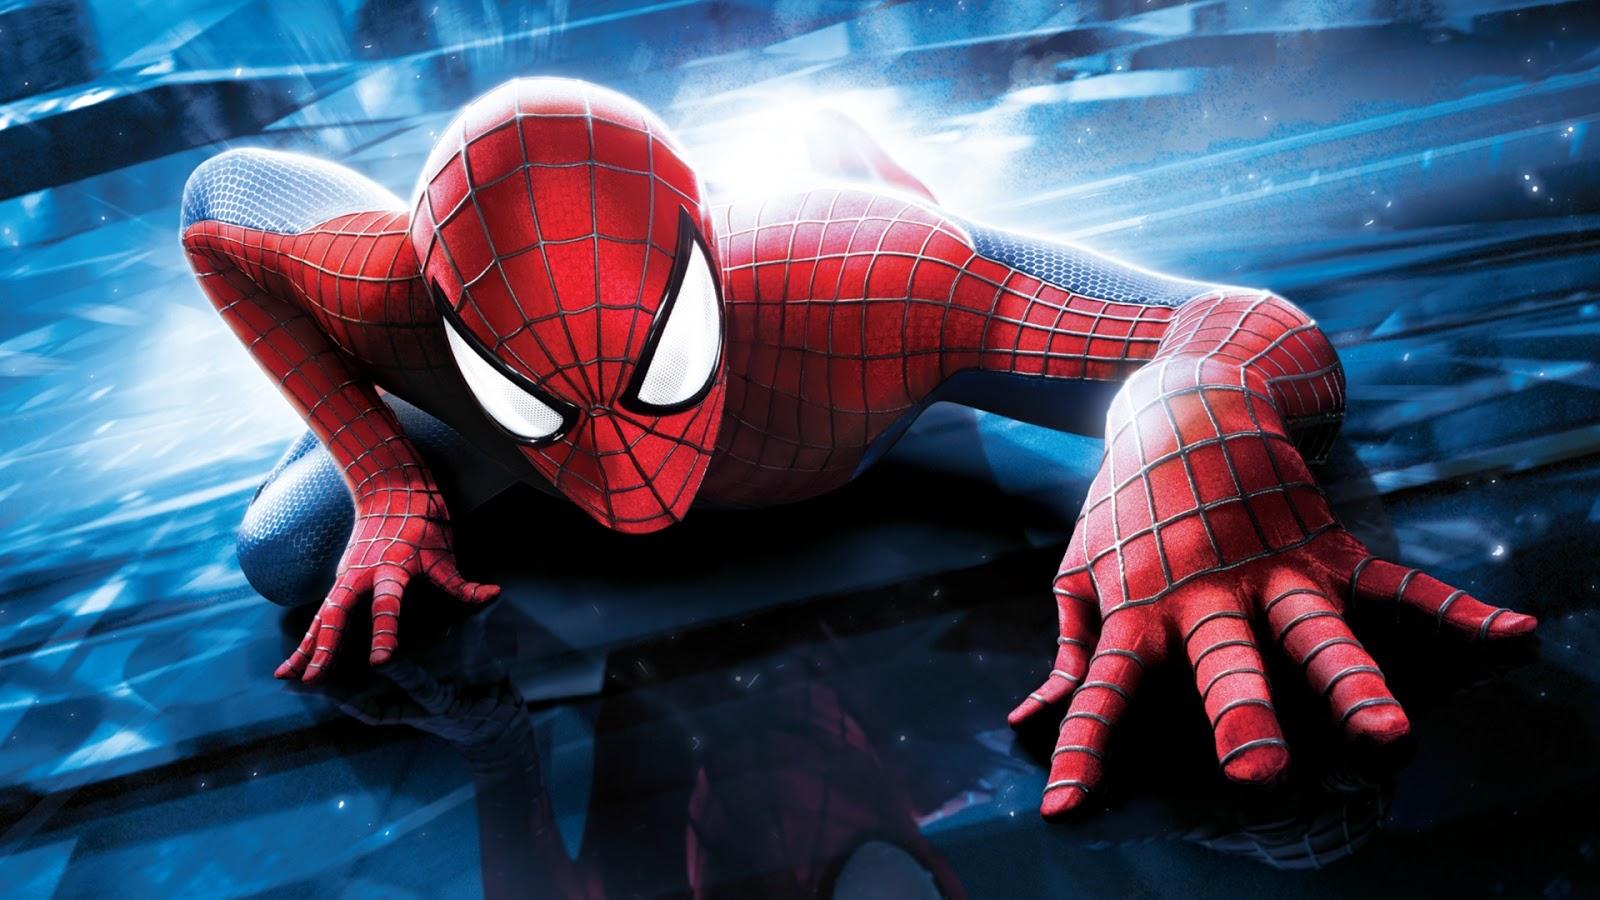 Spiderman 1920x1080 HD Wallpaper